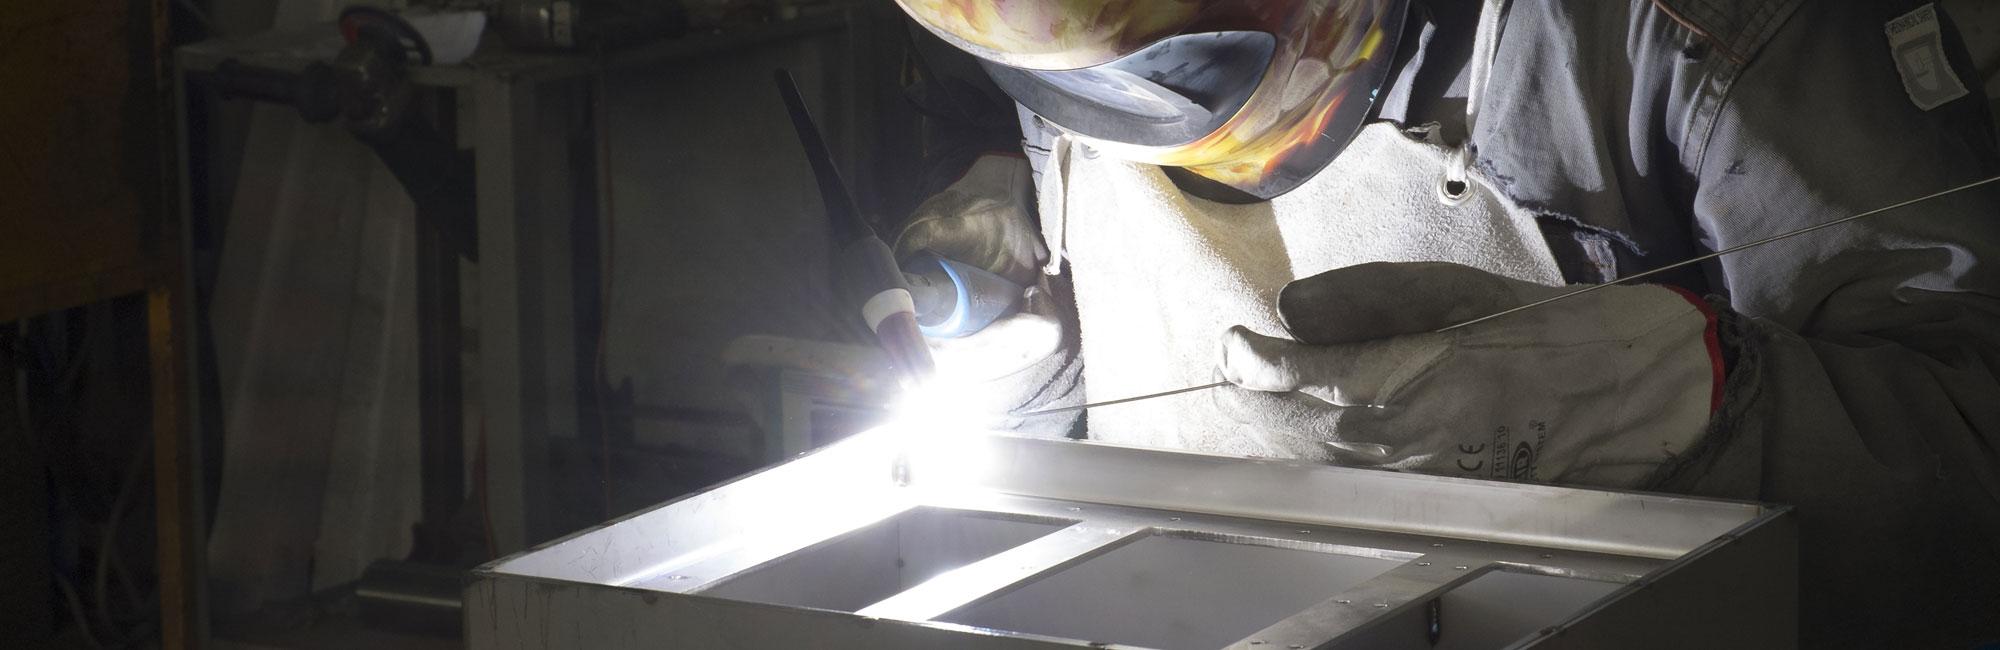 lavorazioni_acciaio_inox